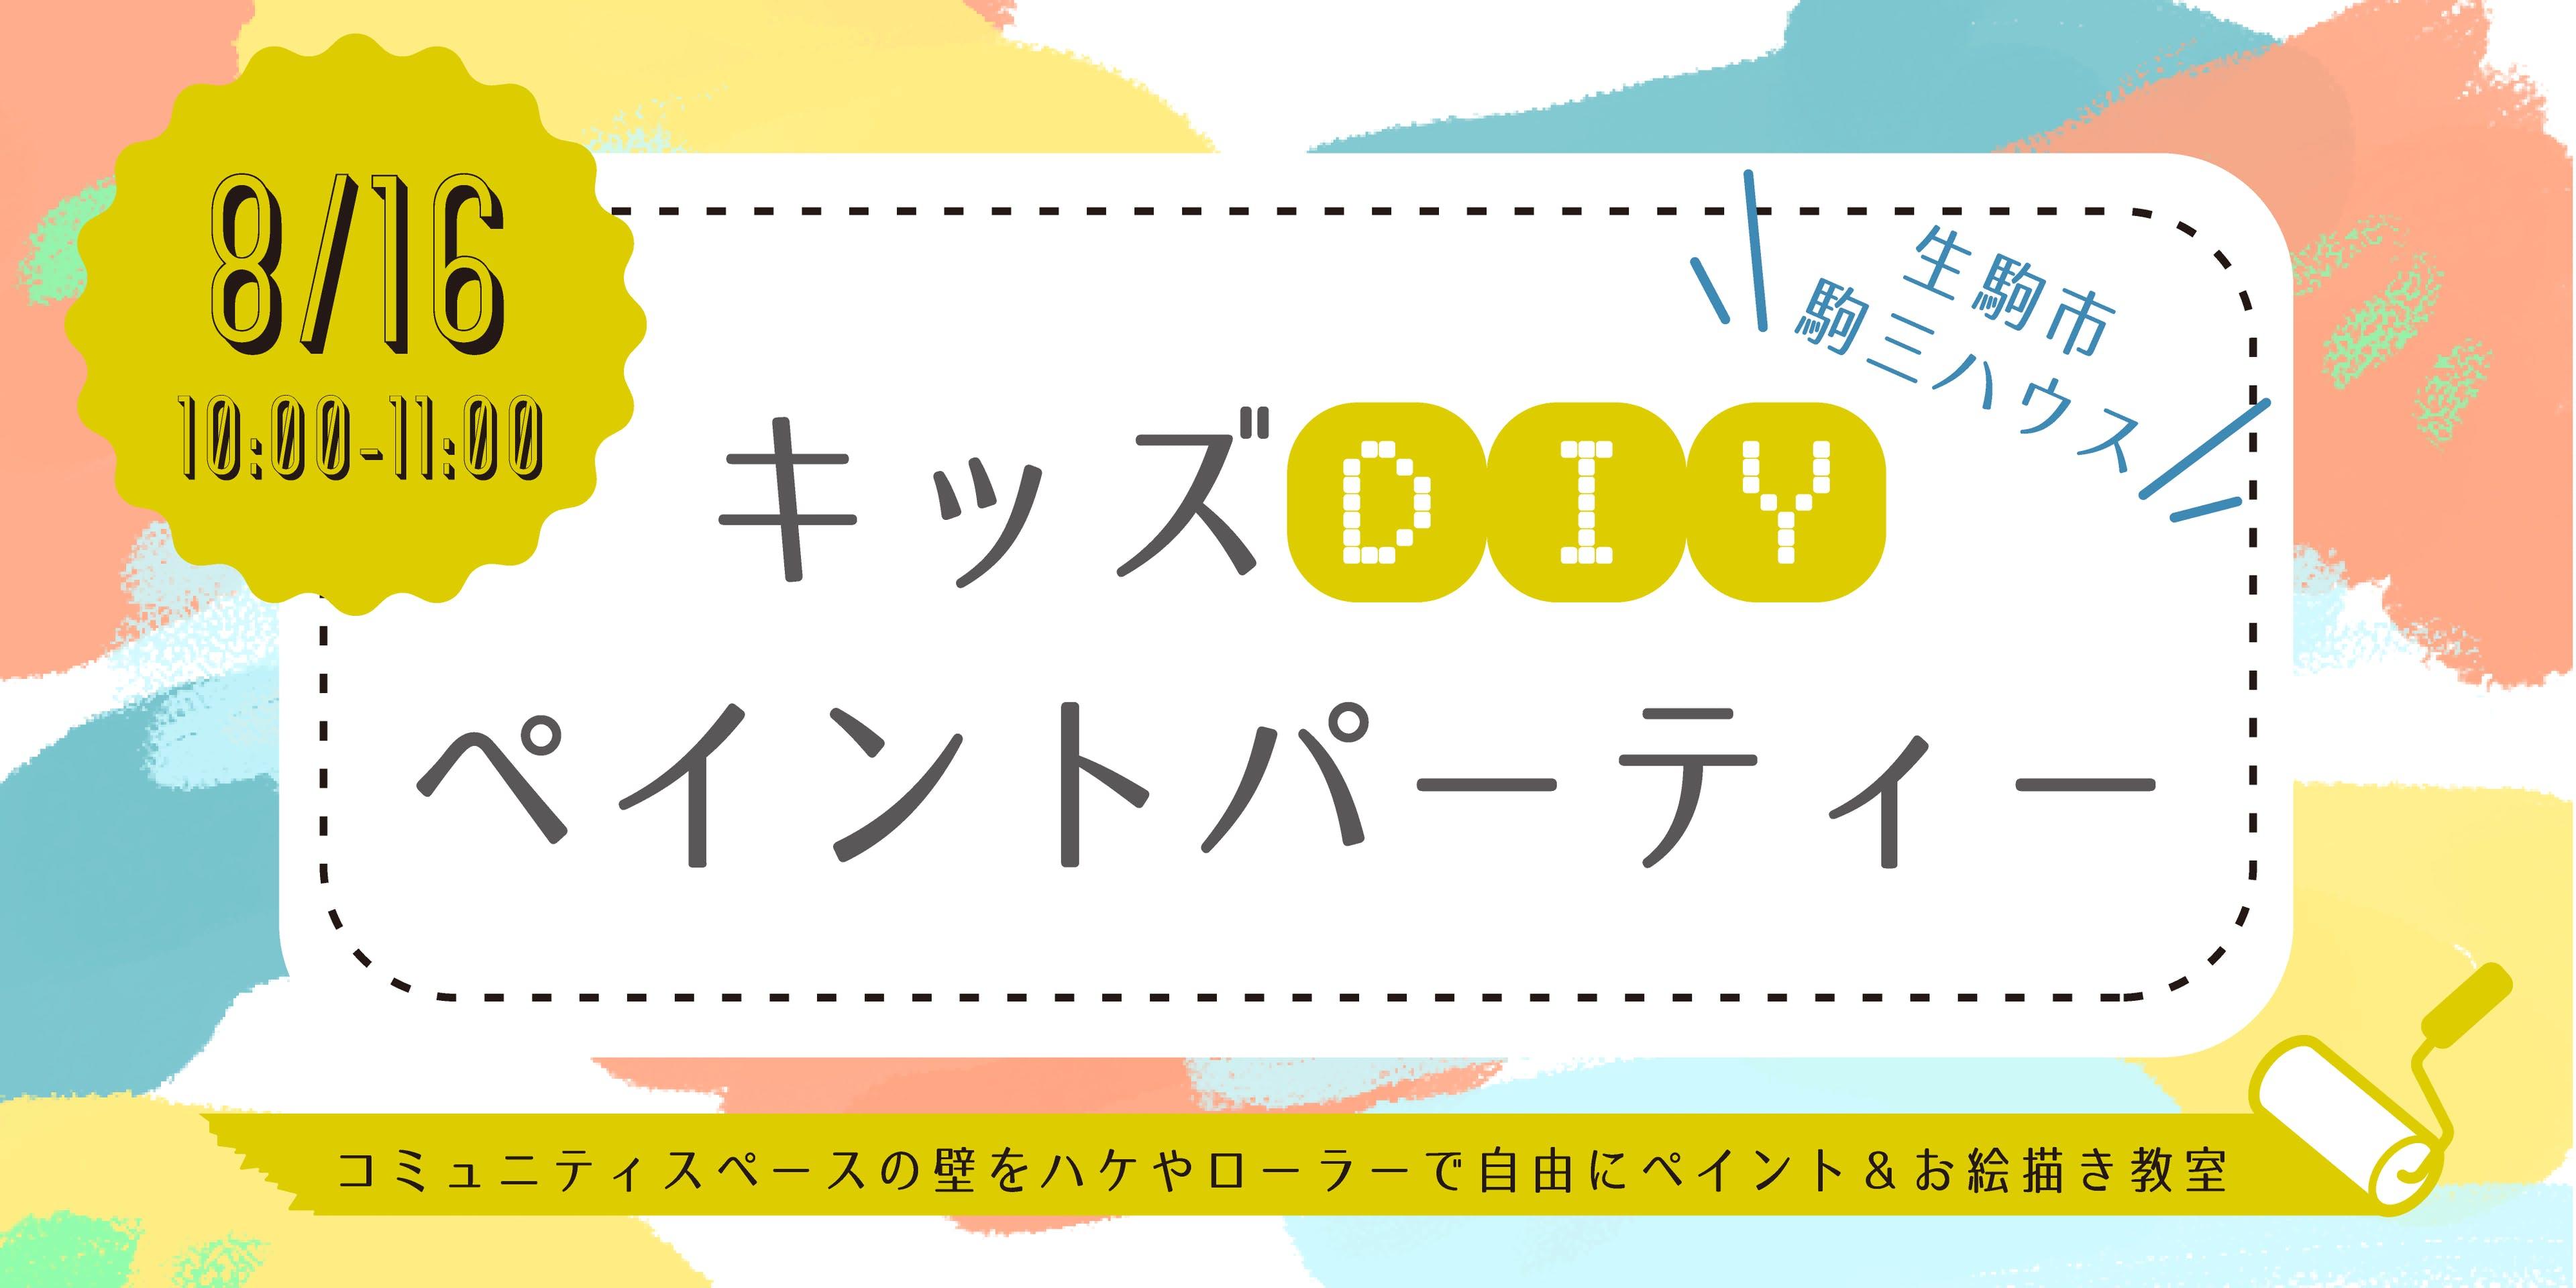 キッズDIYペイントパーティー in 生駒市